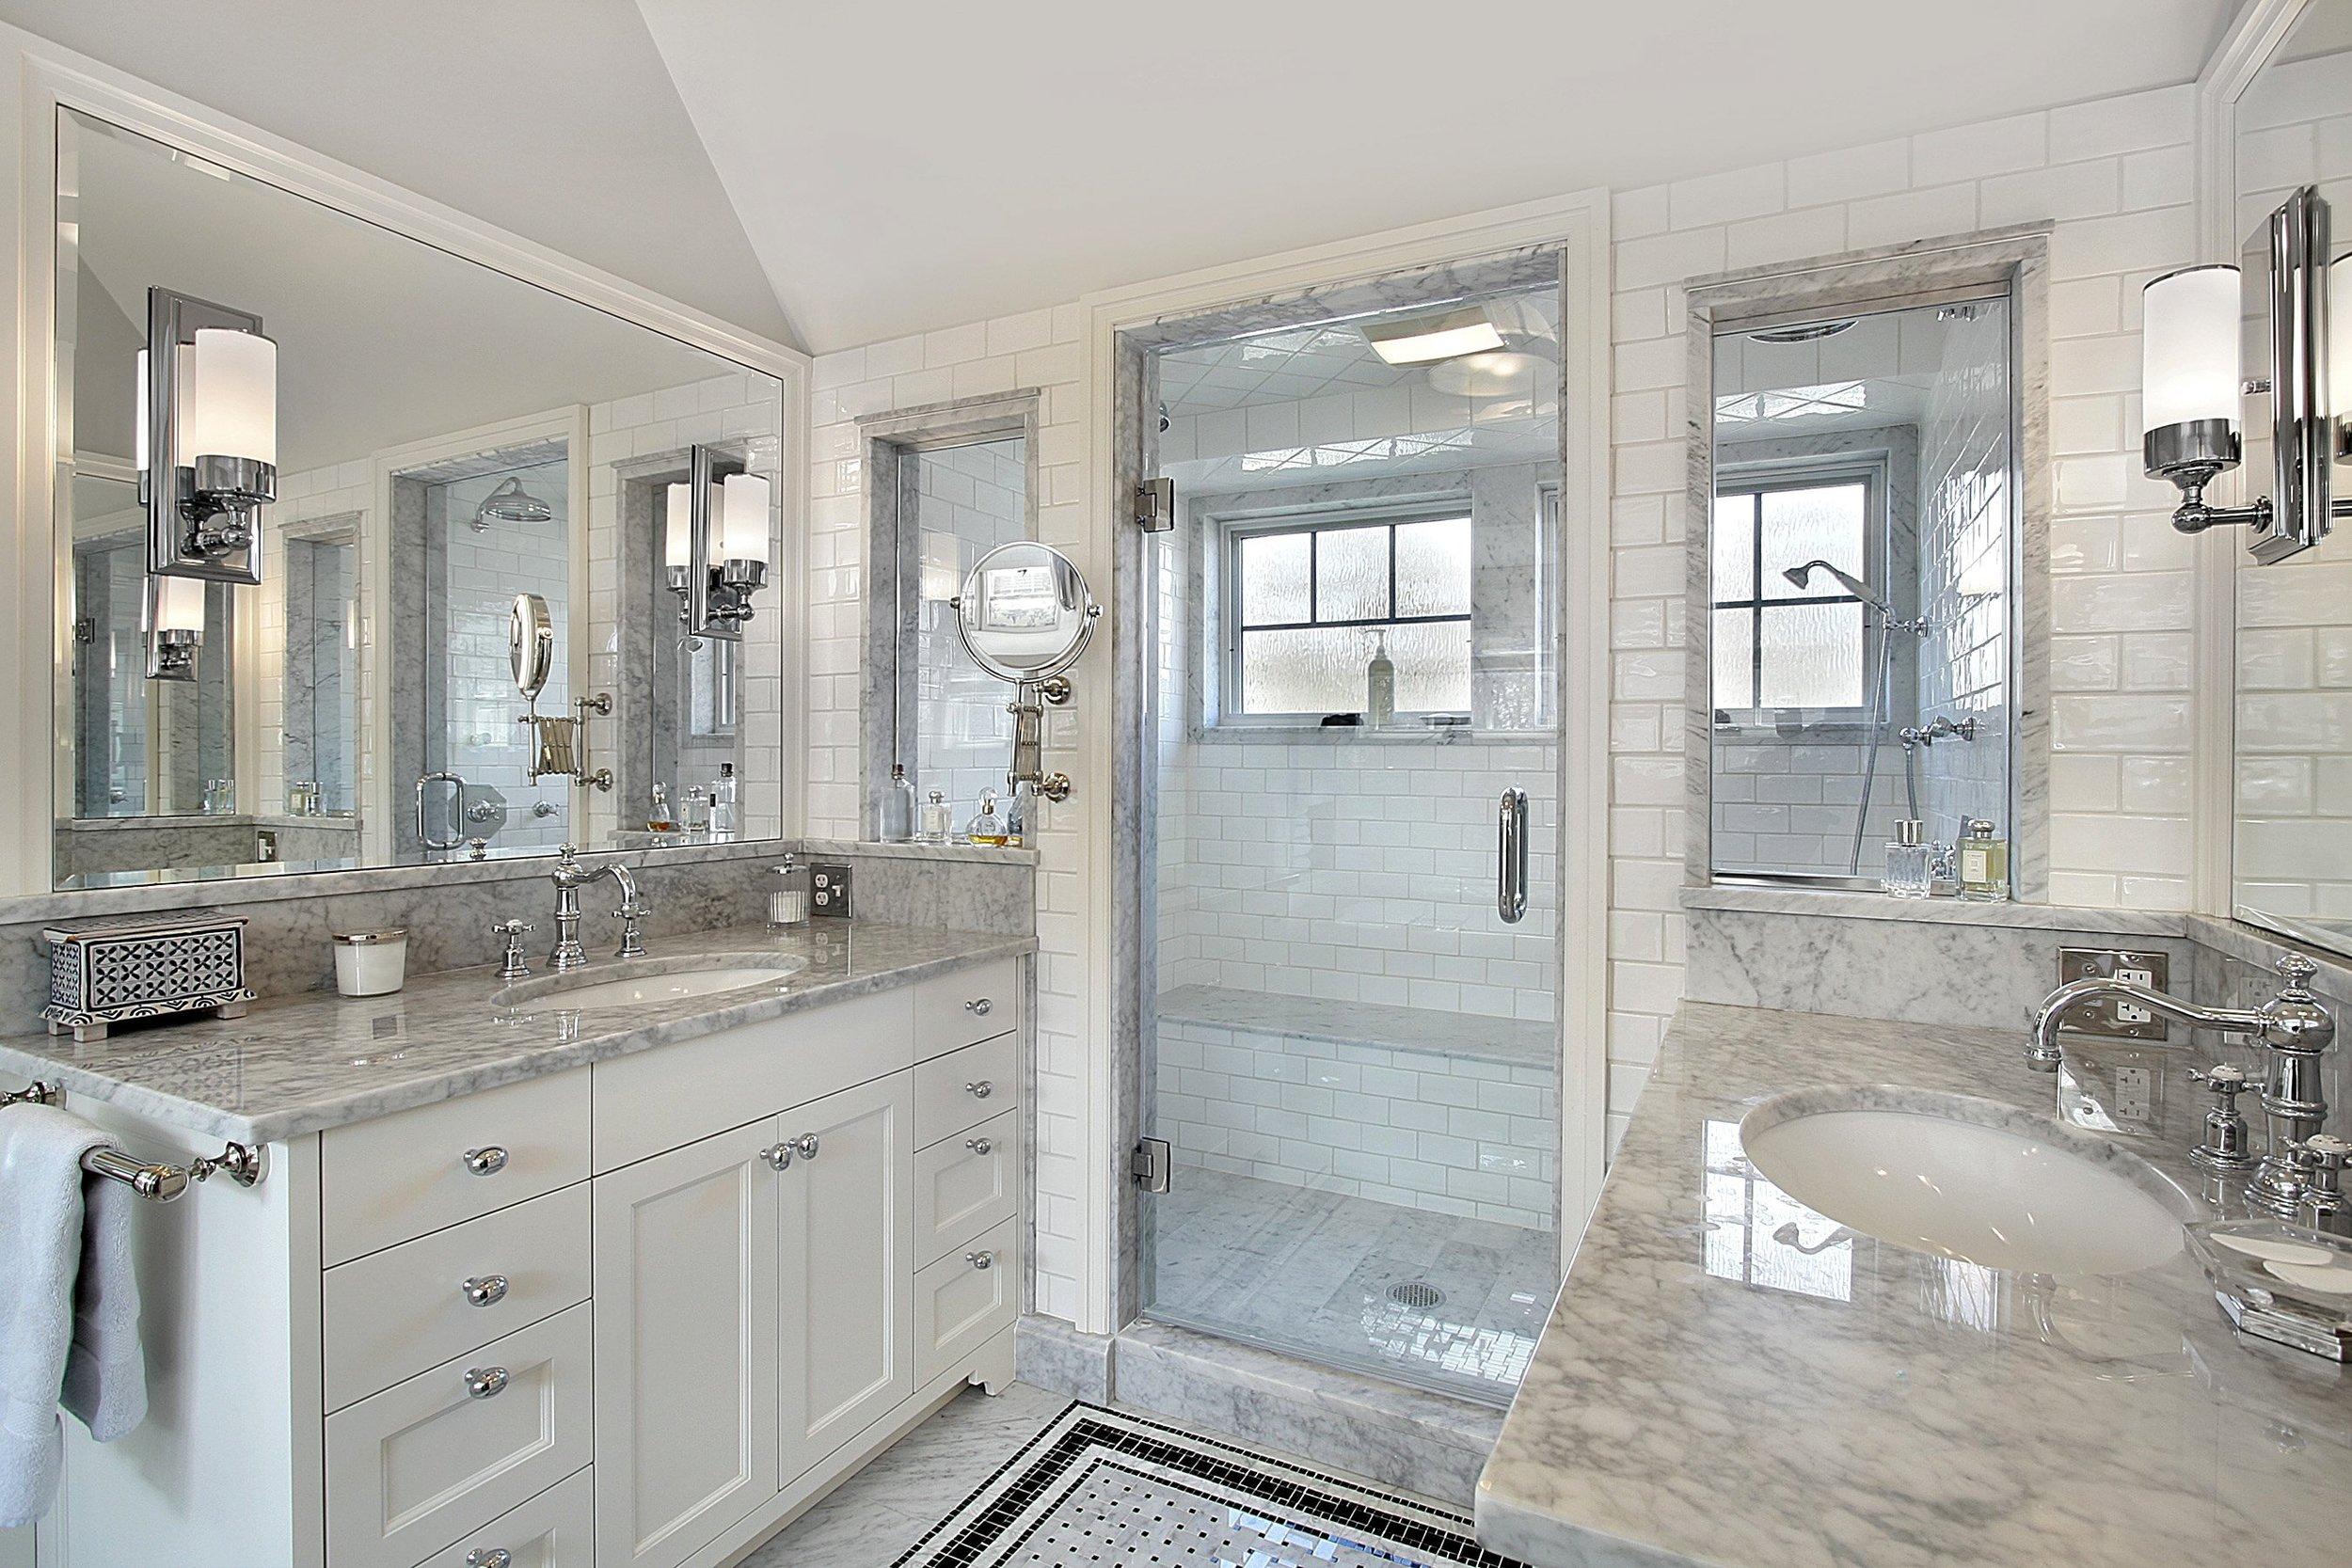 White Carrara Marble Bathroom Counter Top